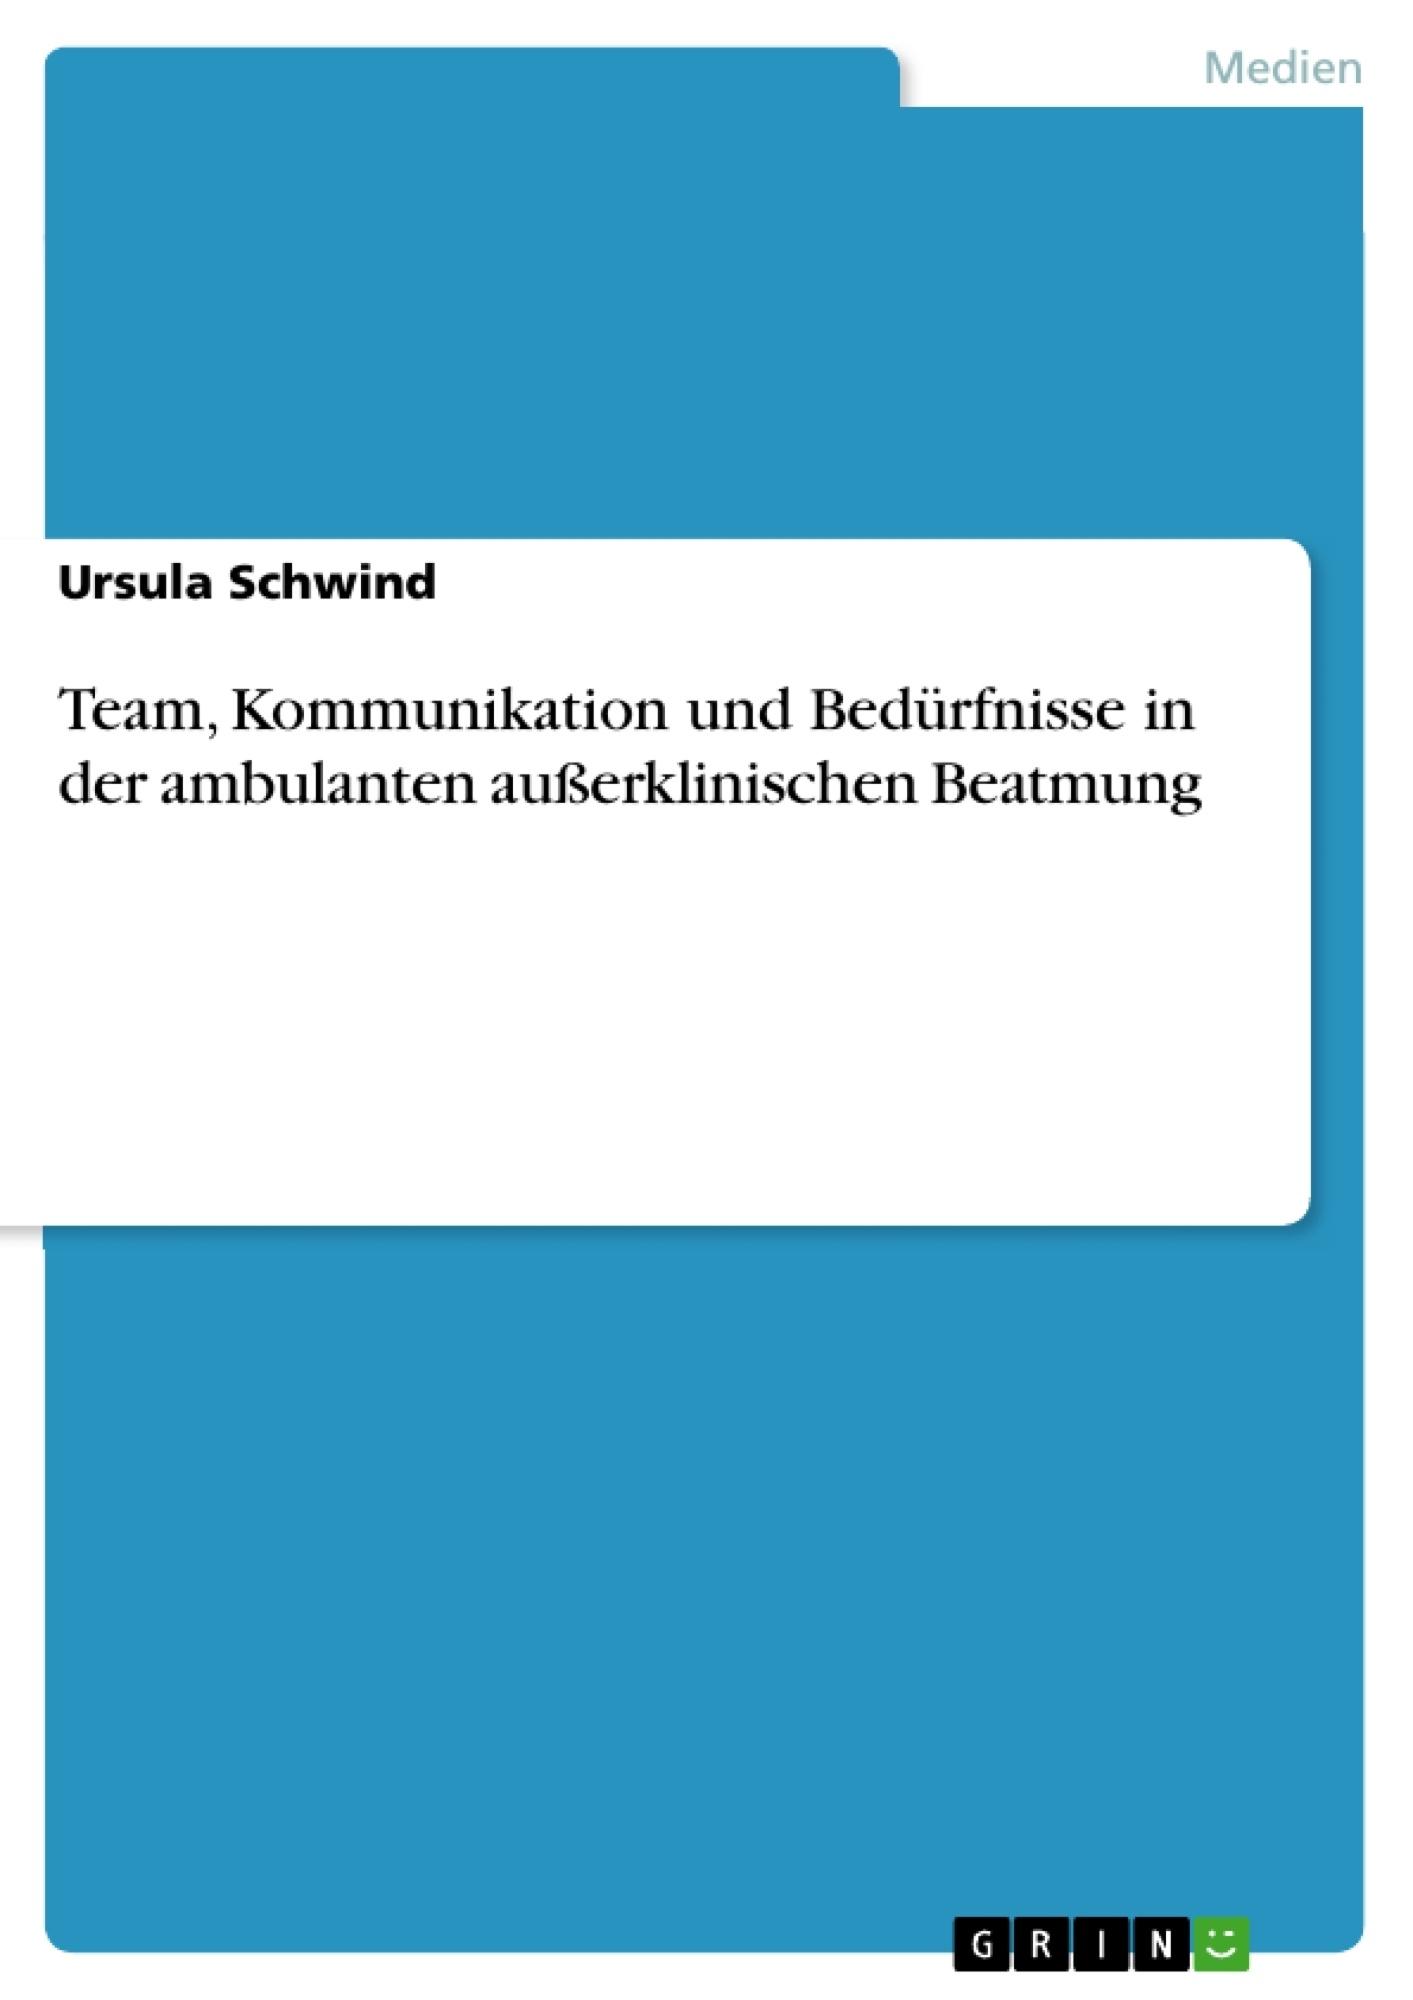 Titel: Team, Kommunikation und Bedürfnisse in der ambulanten außerklinischen Beatmung